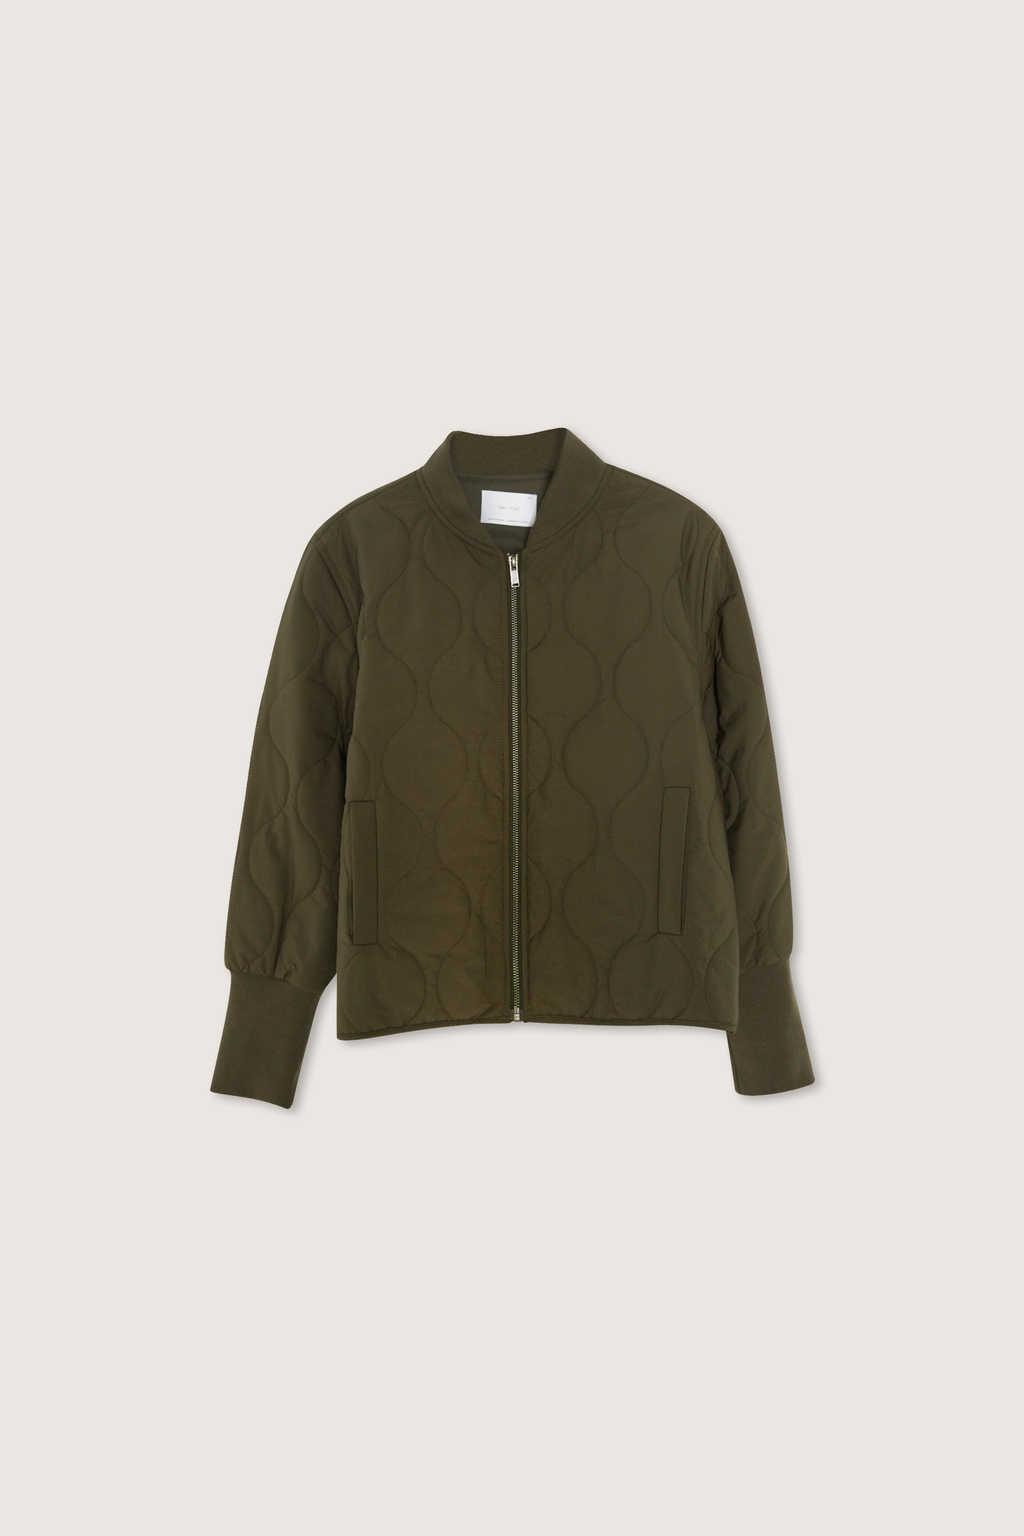 Jacket 2015 Olive 6